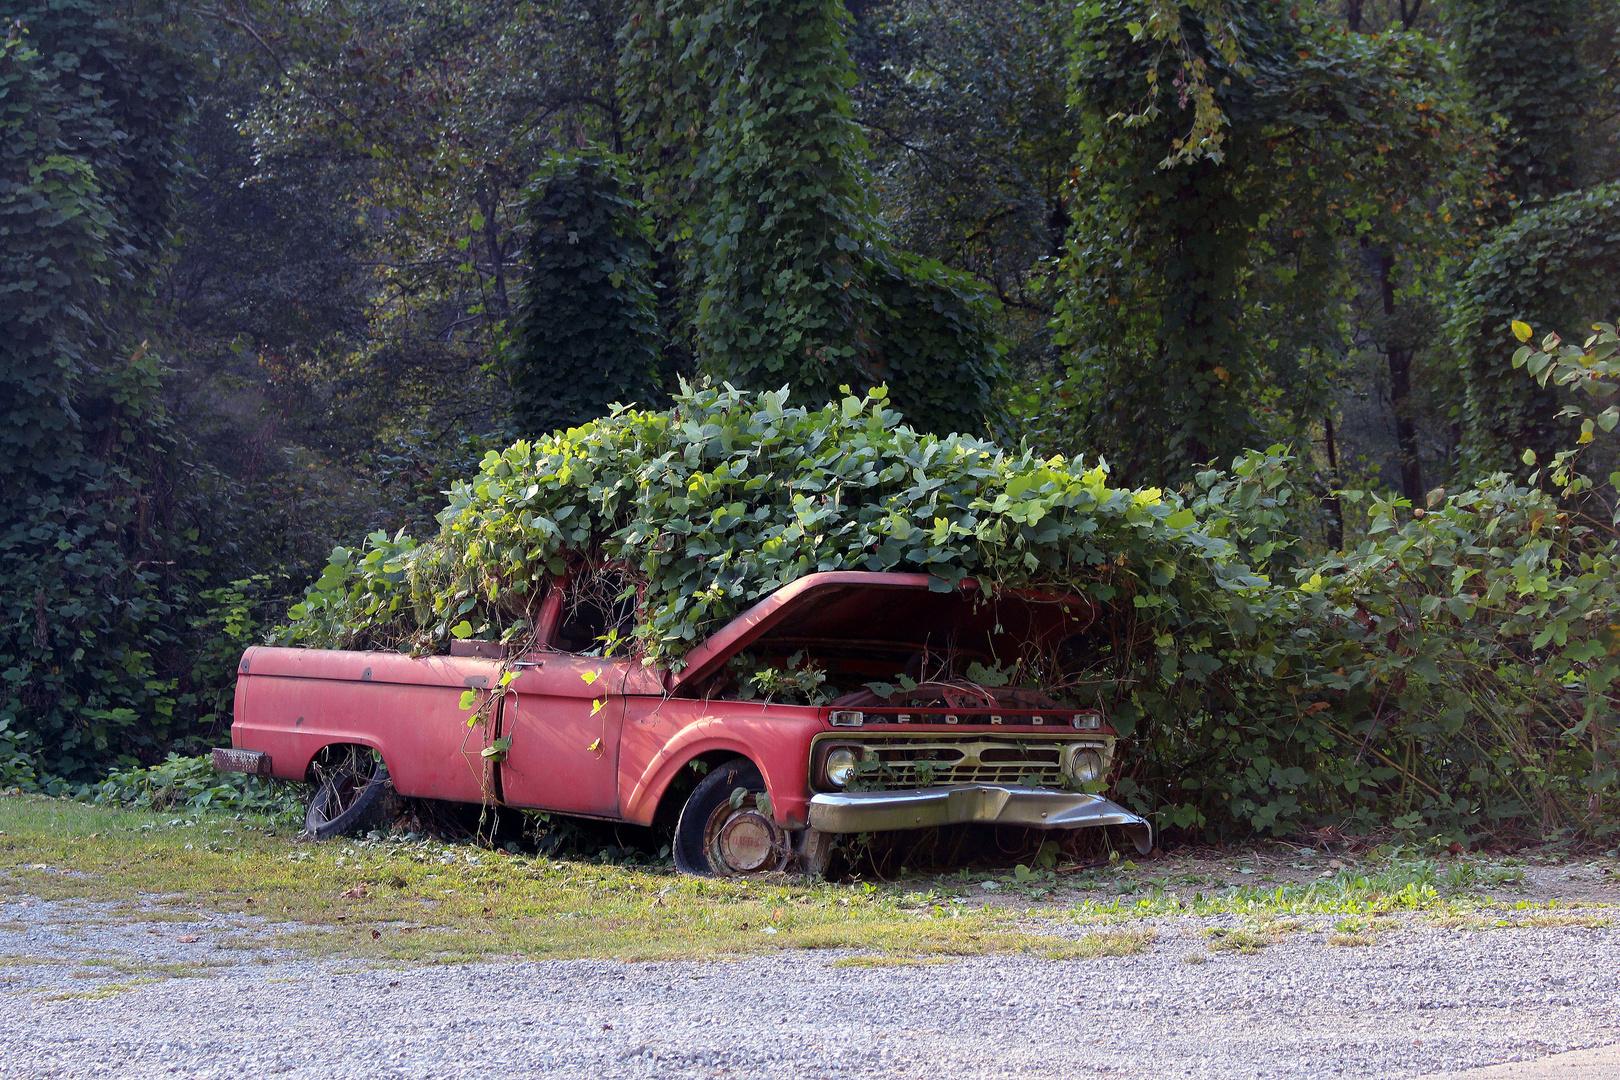 KUDZU (Pueraria montana) überwächst alles, auch Autos... West Virginia, USA